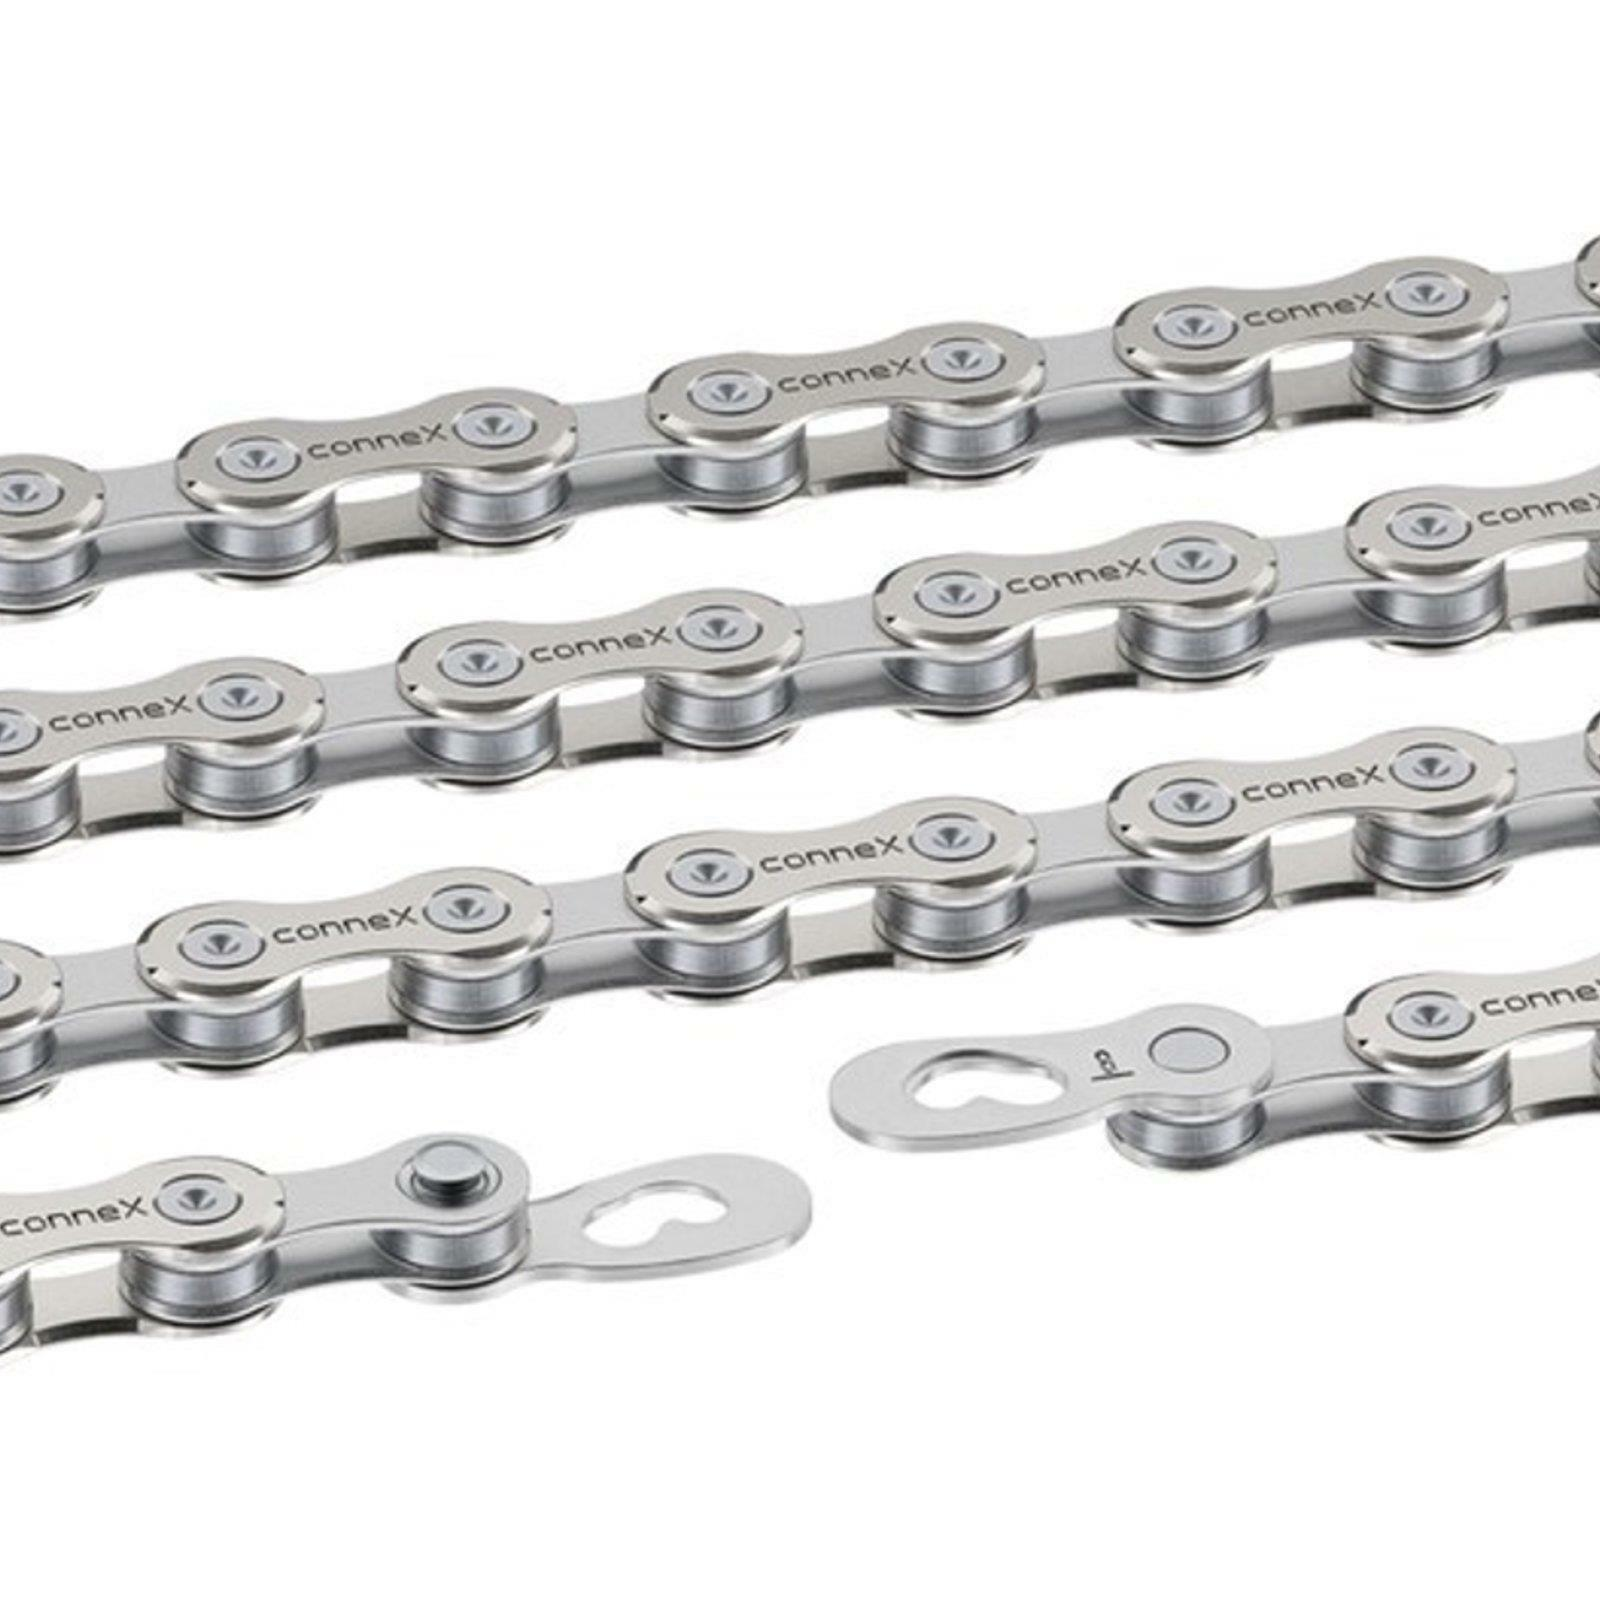 Connex 8sx catena di bicicletta circuito in acciaio inox catena 114 anelli 12 x 332 7,2mm